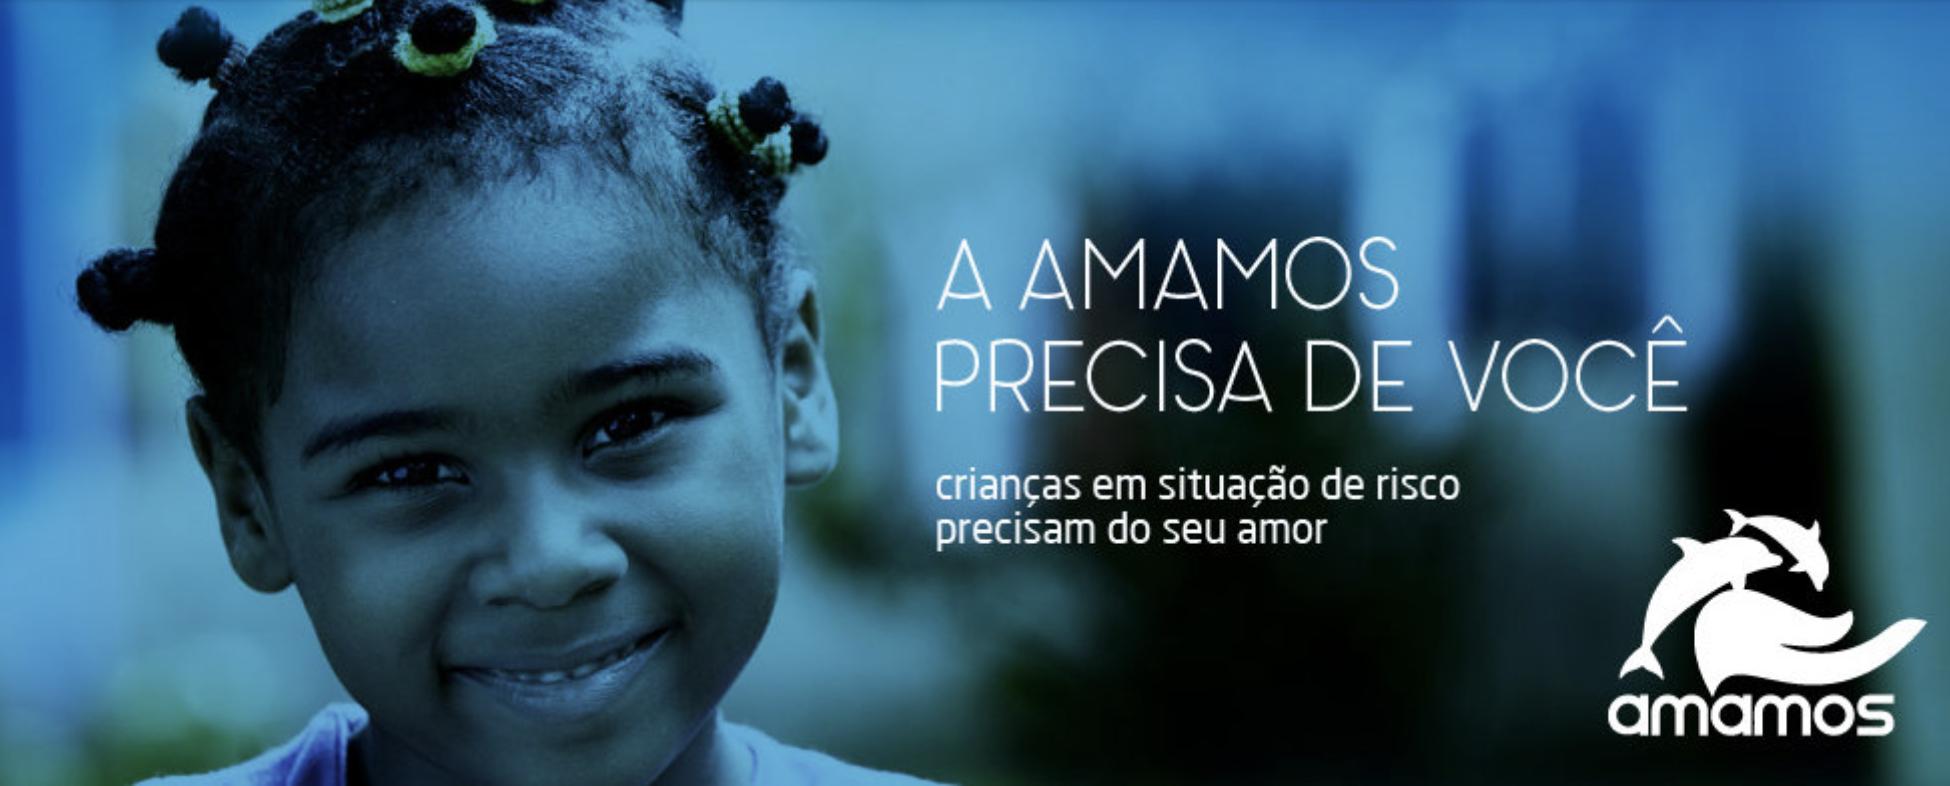 Corrente do Amor: voluntária reforma bonecas para crianças em situação de risco